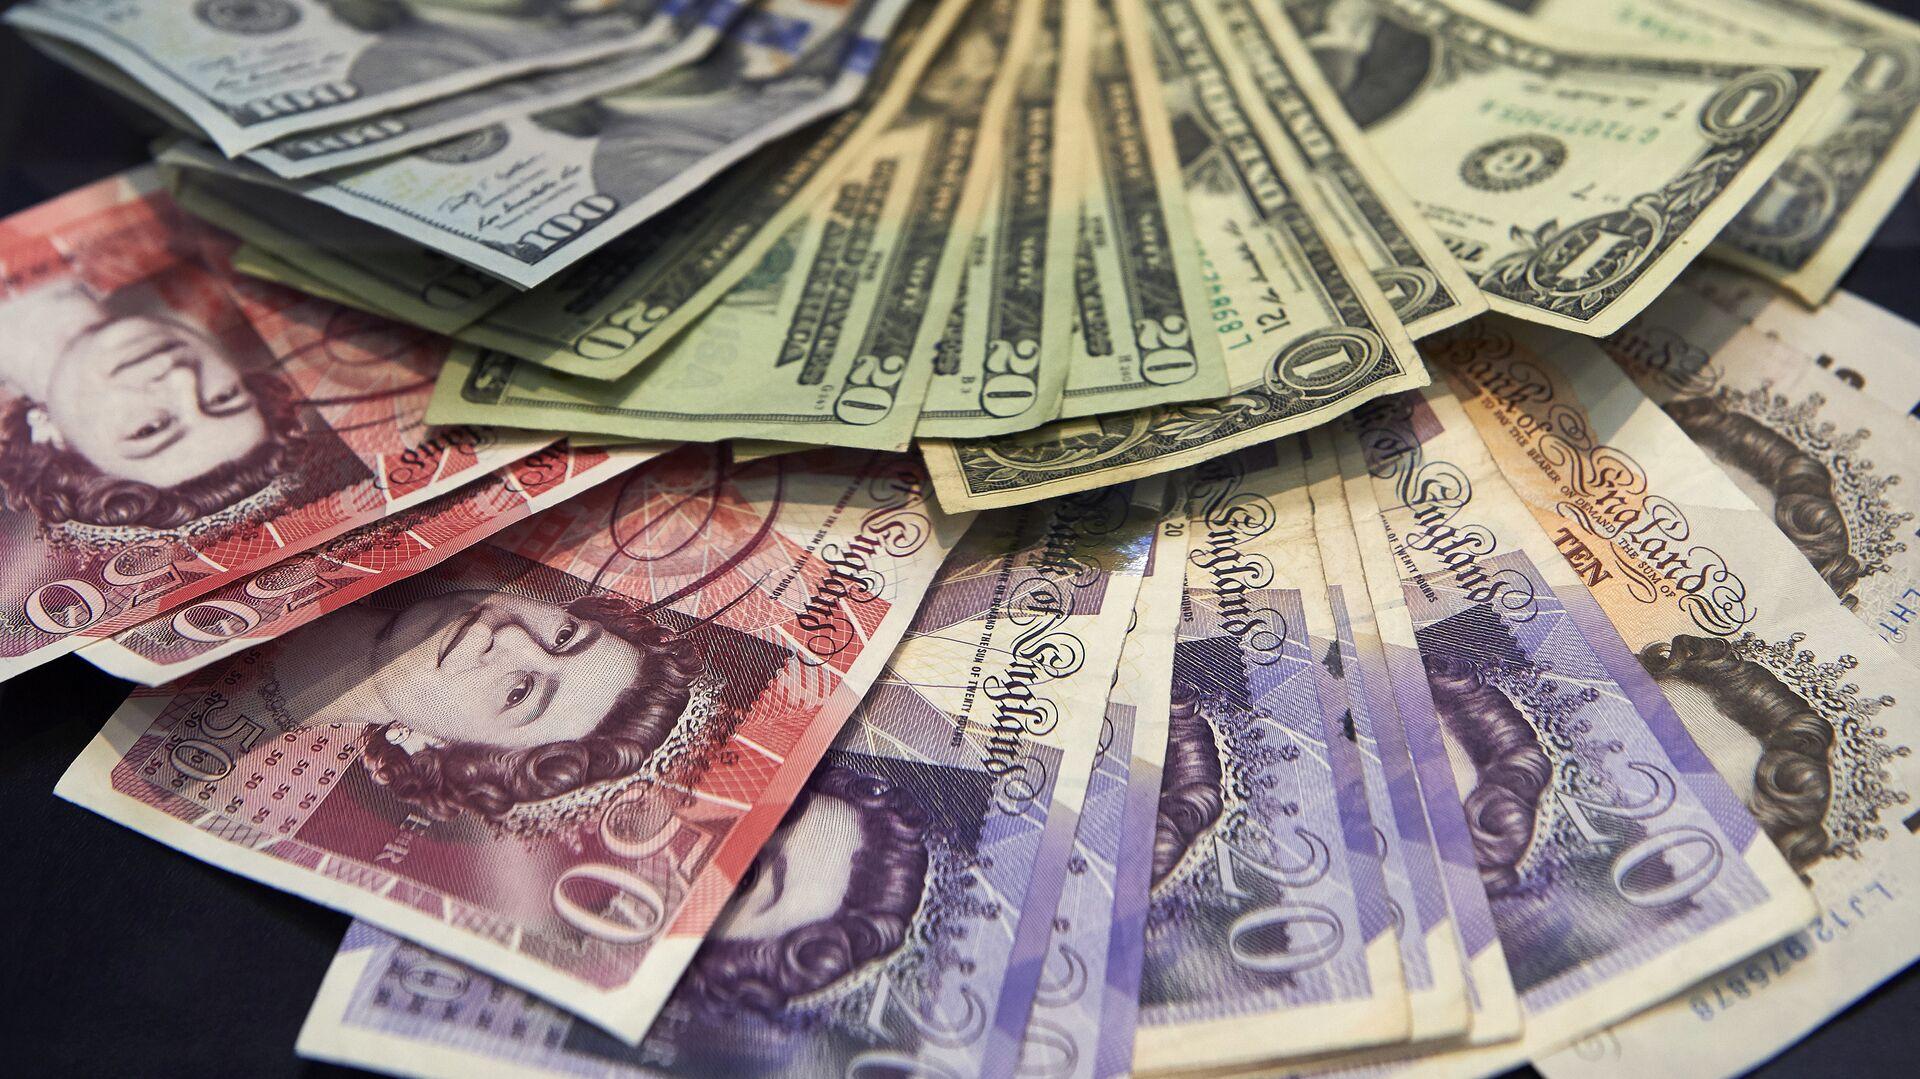 A cashier displays multiple denomination US dollar and British pound Sterling bank notes - Sputnik International, 1920, 28.09.2021